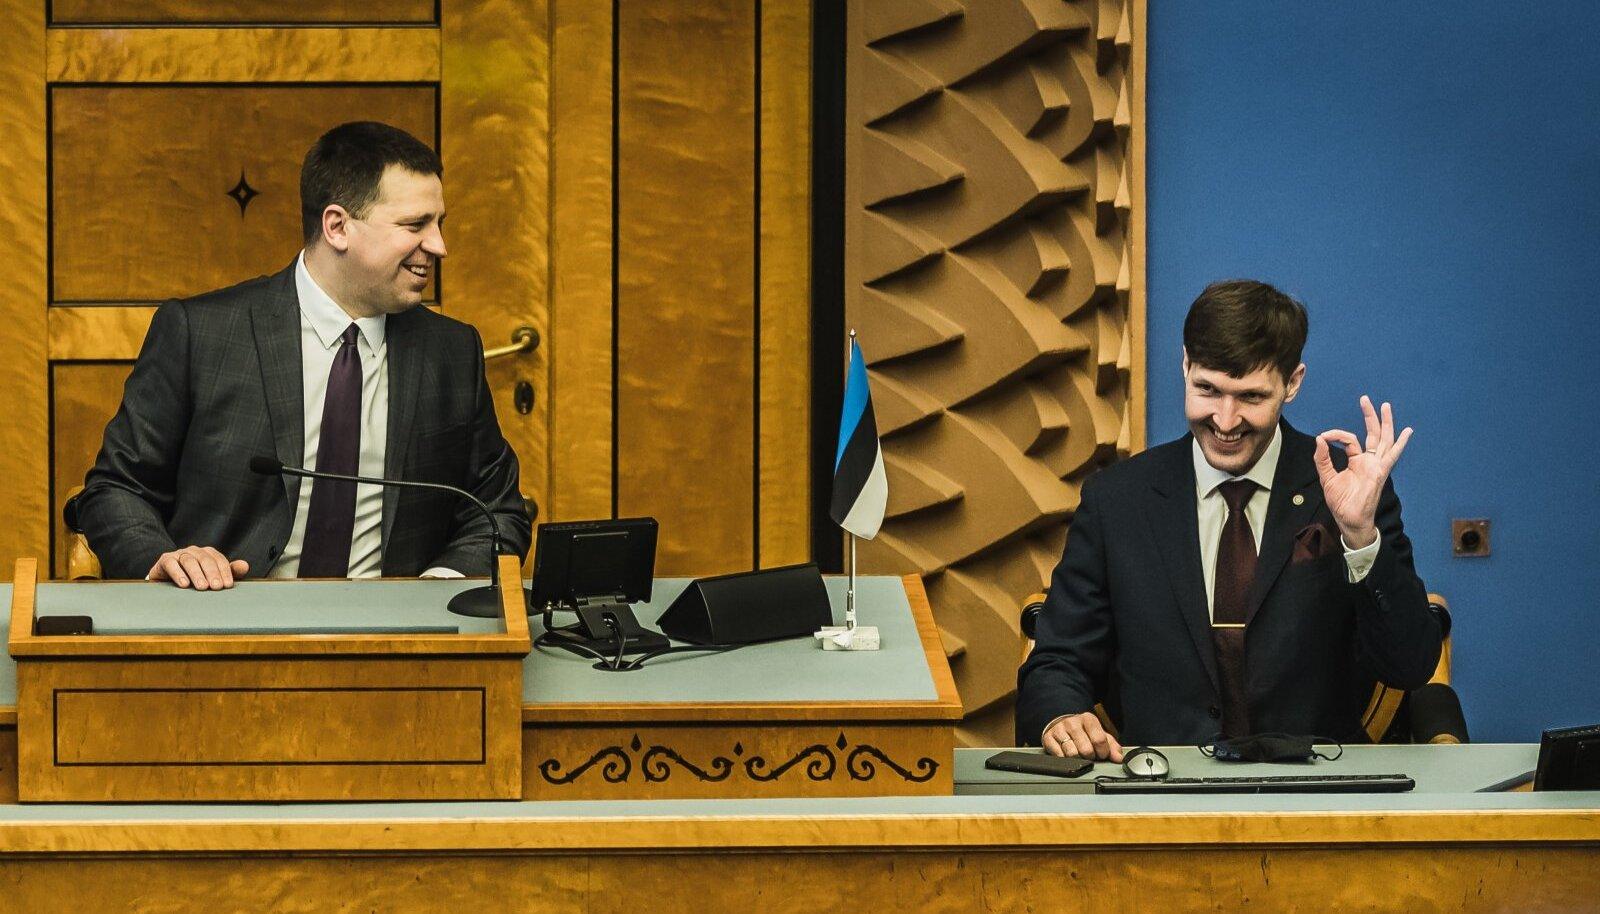 Suur segadus riigieelarvega sündis ajal, kui Jüri Ratas oli peaminister ja Martin Helme rahandusminister.